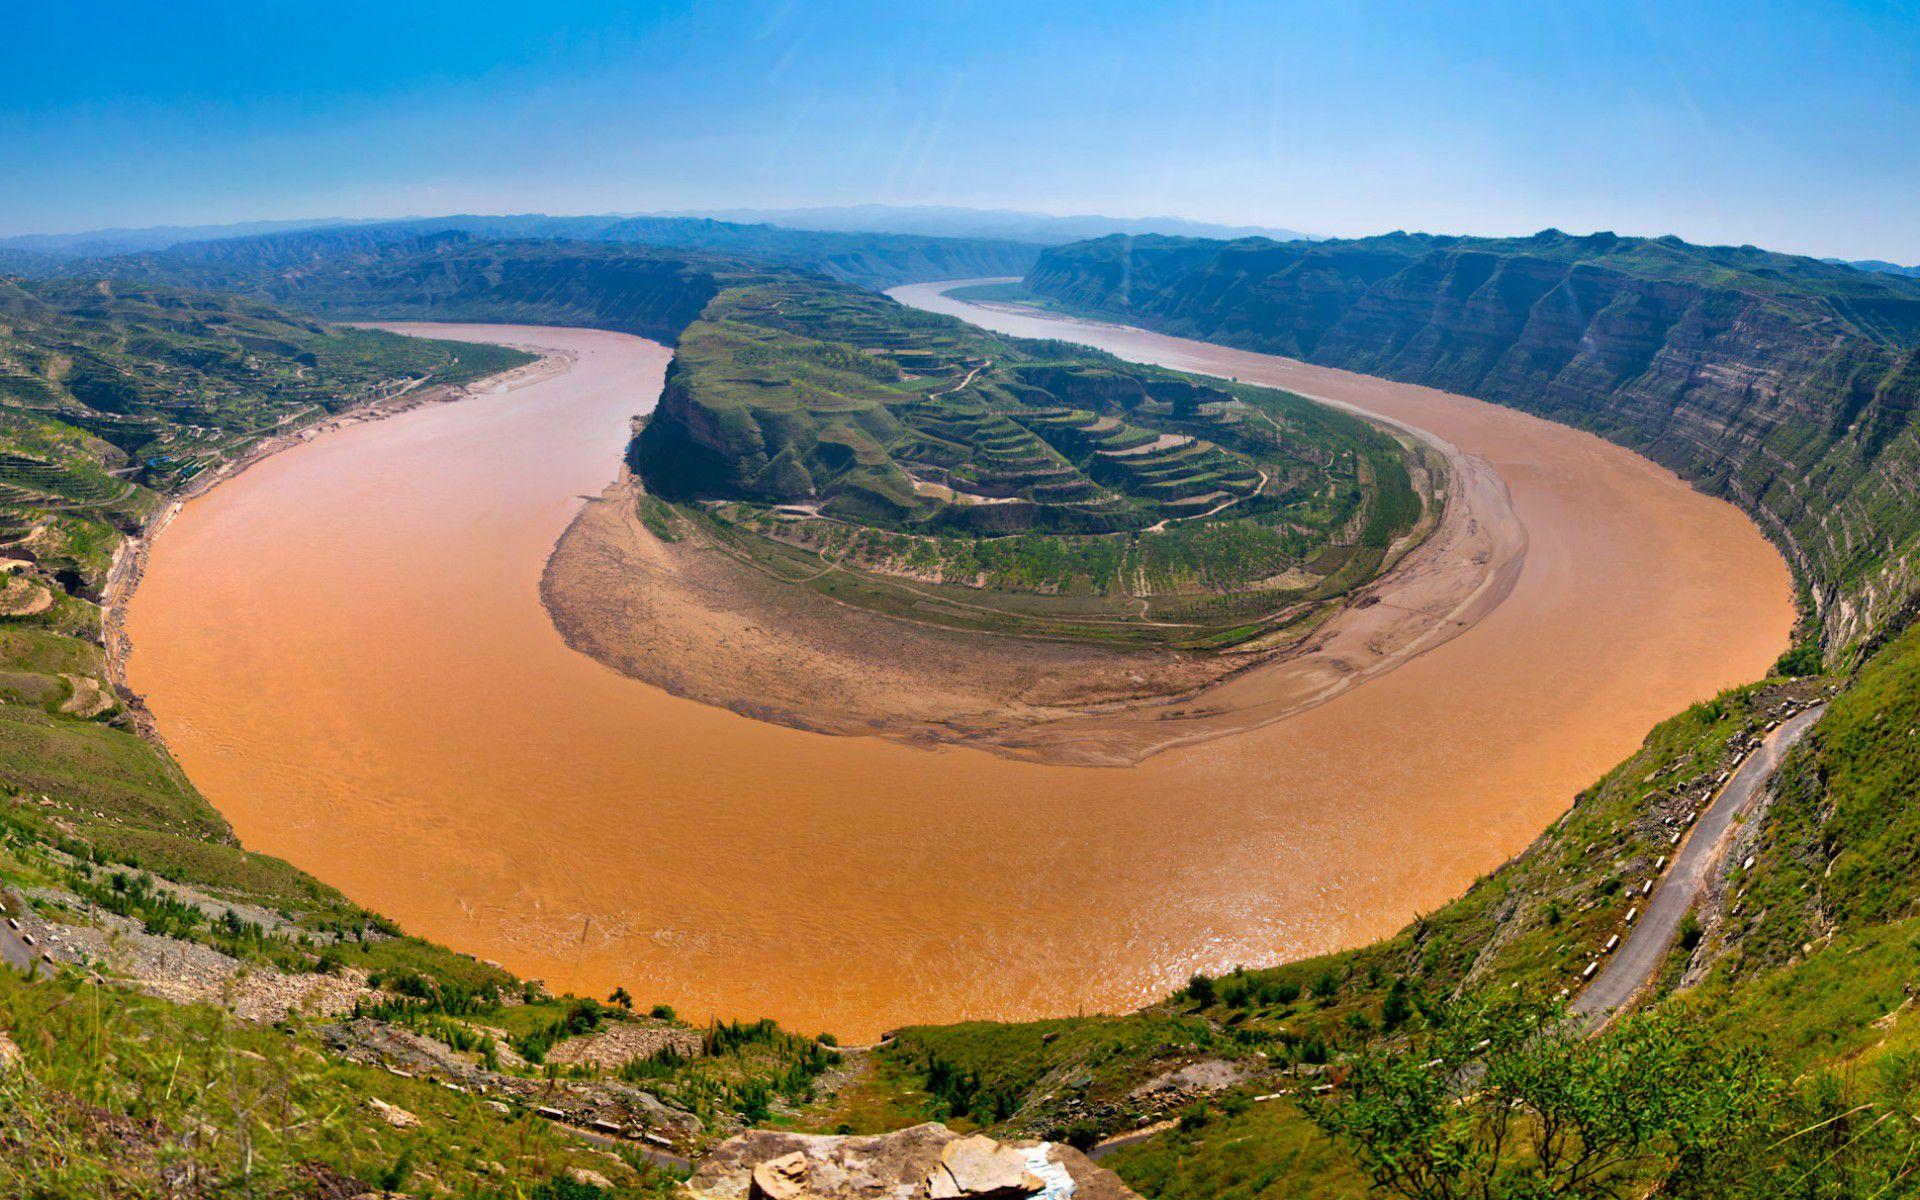 صورة اطول انهار العالم , الانهار الاكثر طولا حول العالم